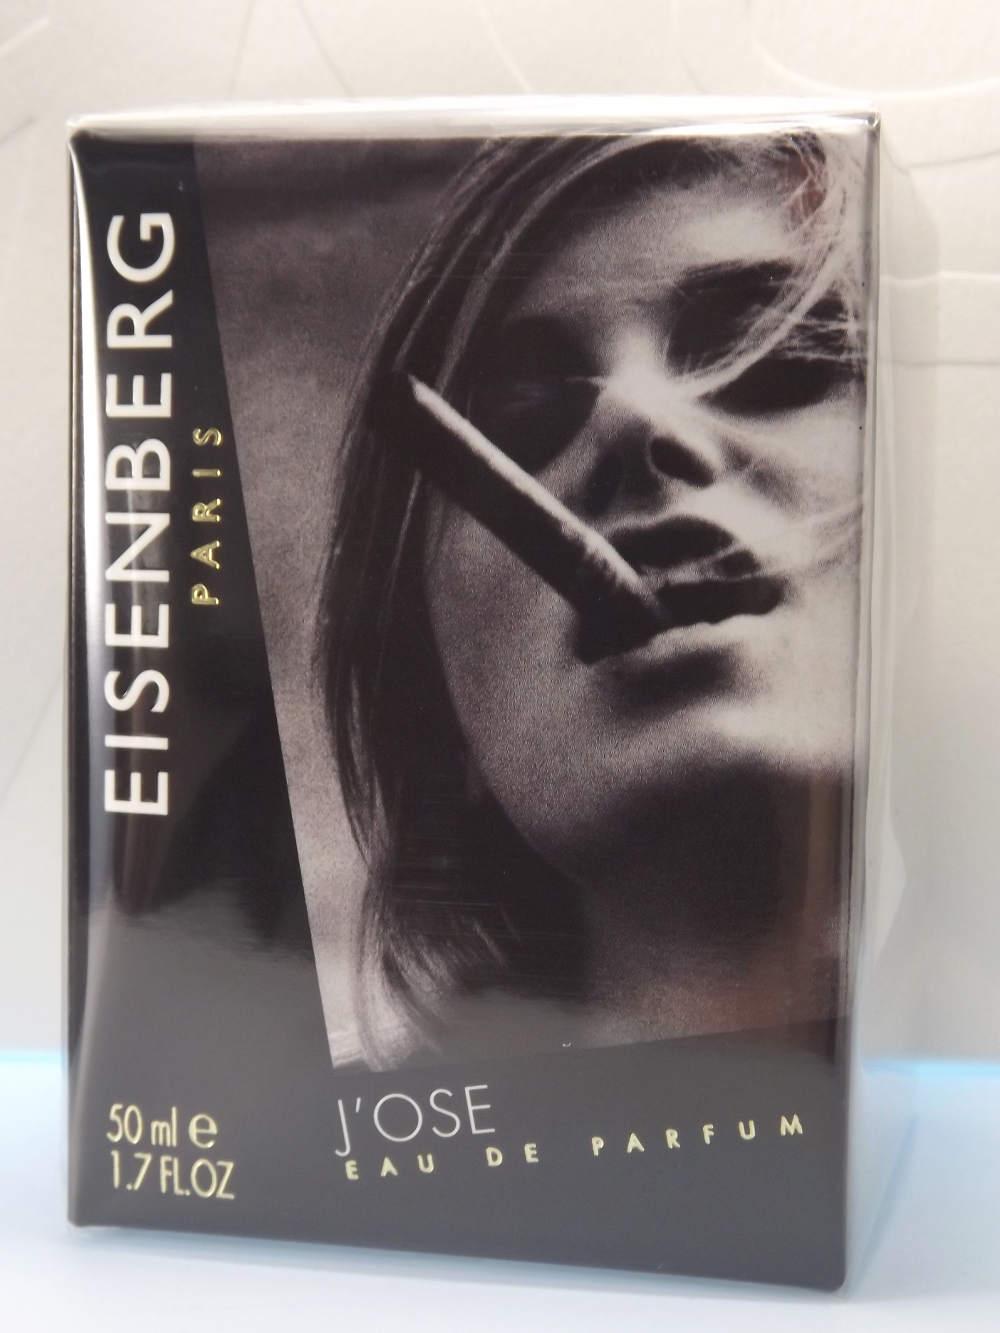 Jose Parfüm von Eisenberg